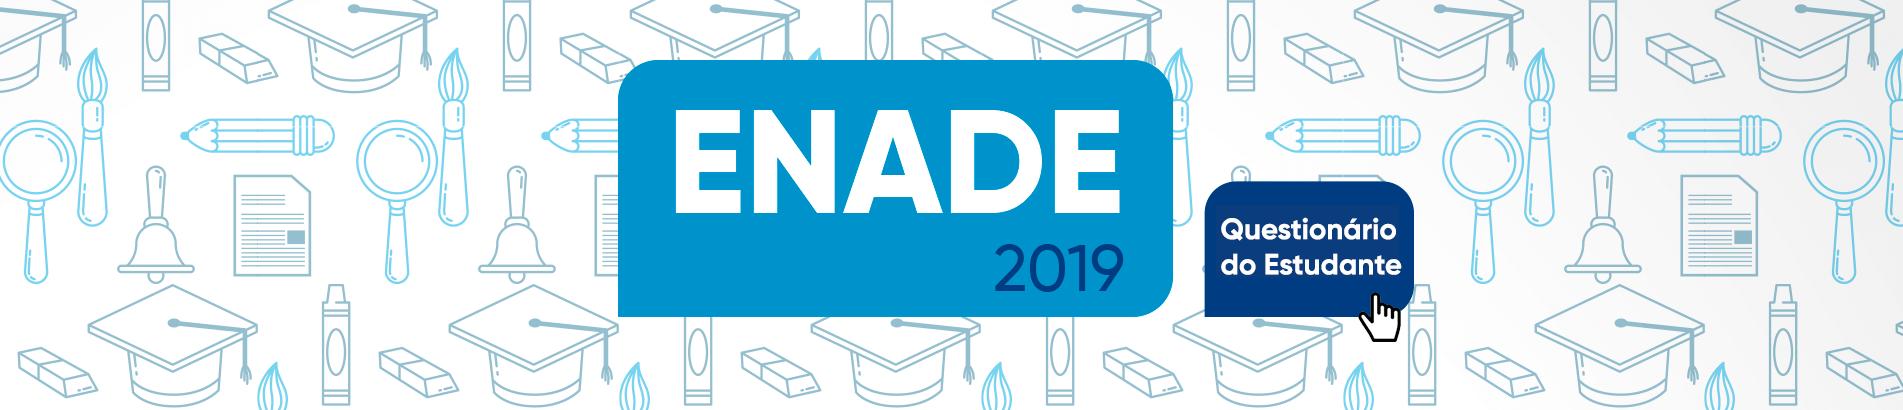 Banner rotativo desktop - Enade 2019 questionário